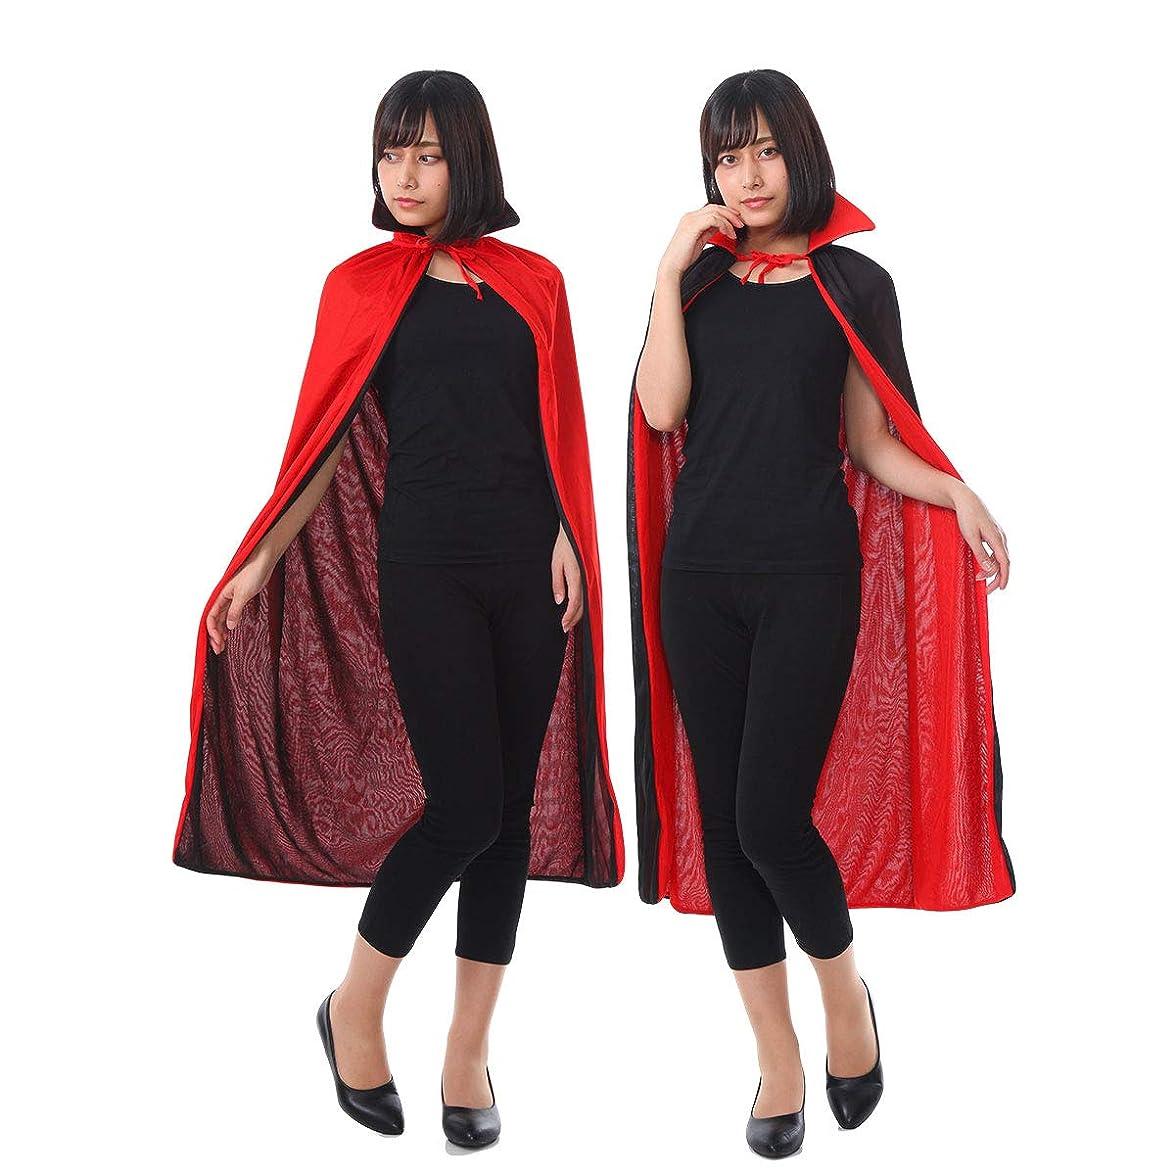 カートンマインドフルバタフライ【 本格的 】monoii 吸血鬼 魔女 コスプレ マント ハロウィン ドラキュラ 衣装 ヴァンパイア コスチューム 480